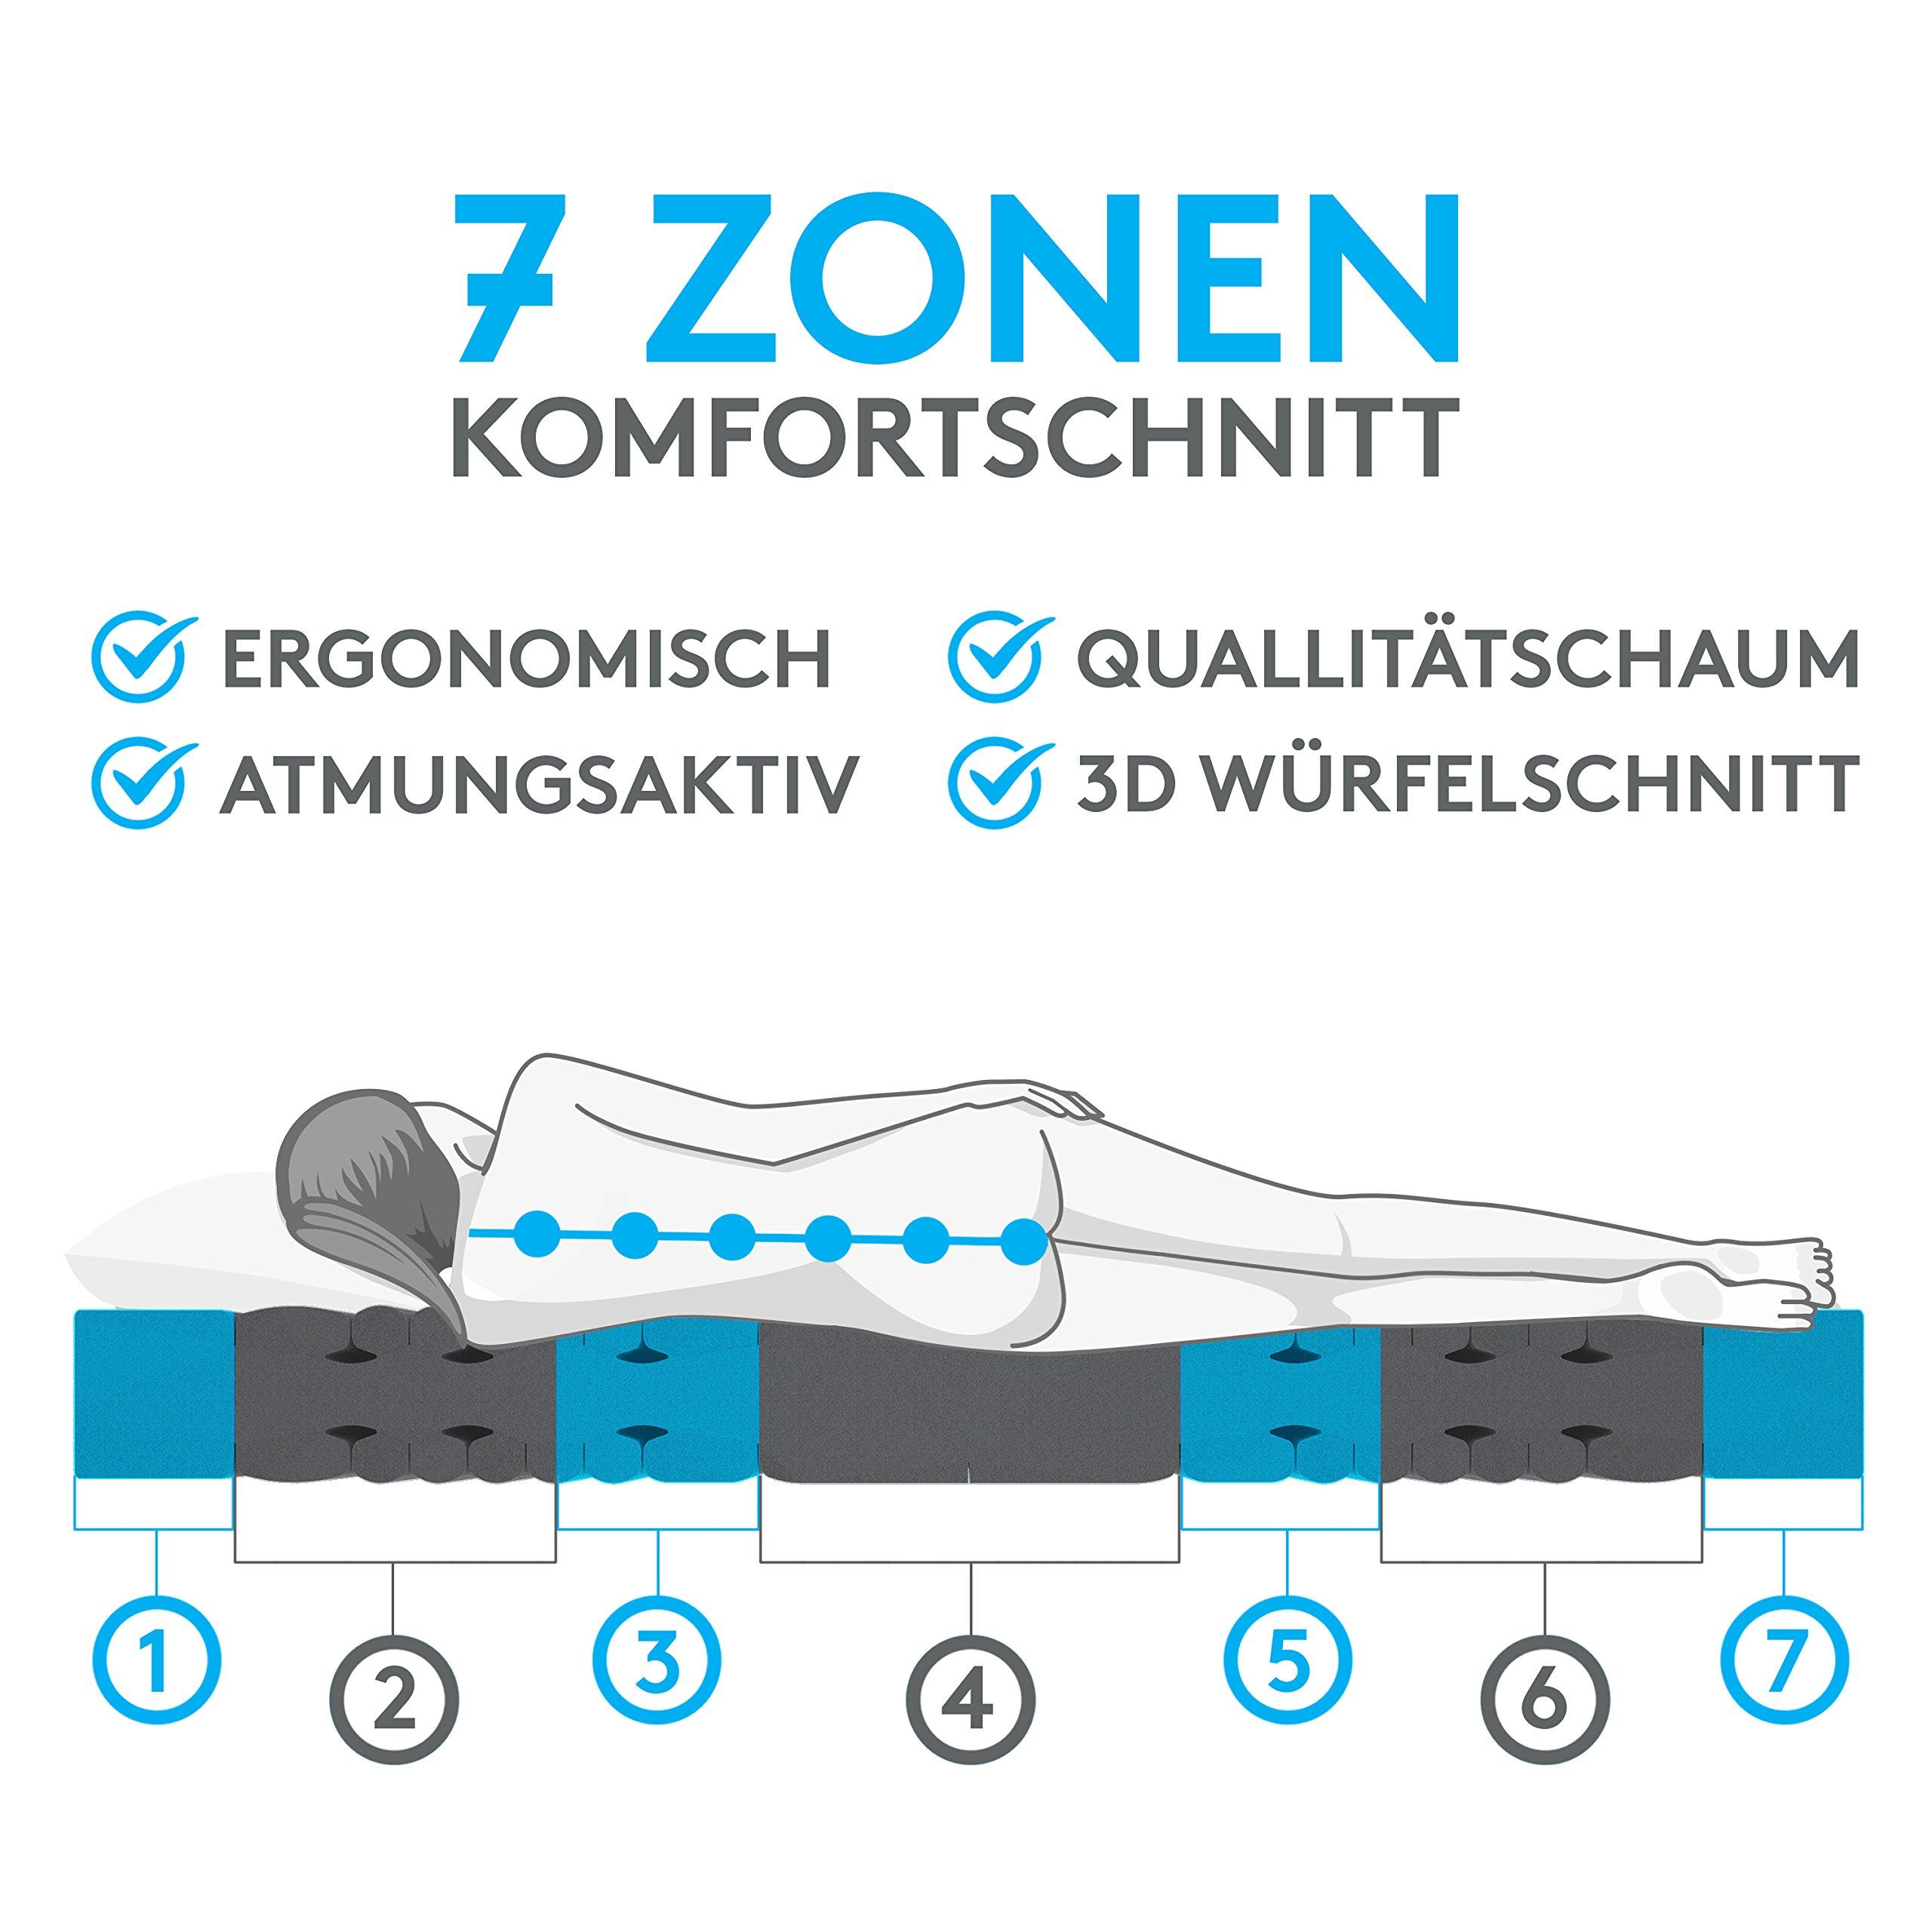 BELVANDEO I Orthopädische Kaltschaummatratze mit 7-Zonen - 80x200 cm I H2 - bis 80-kg I 18 cm hoch I Flexion Plus I…